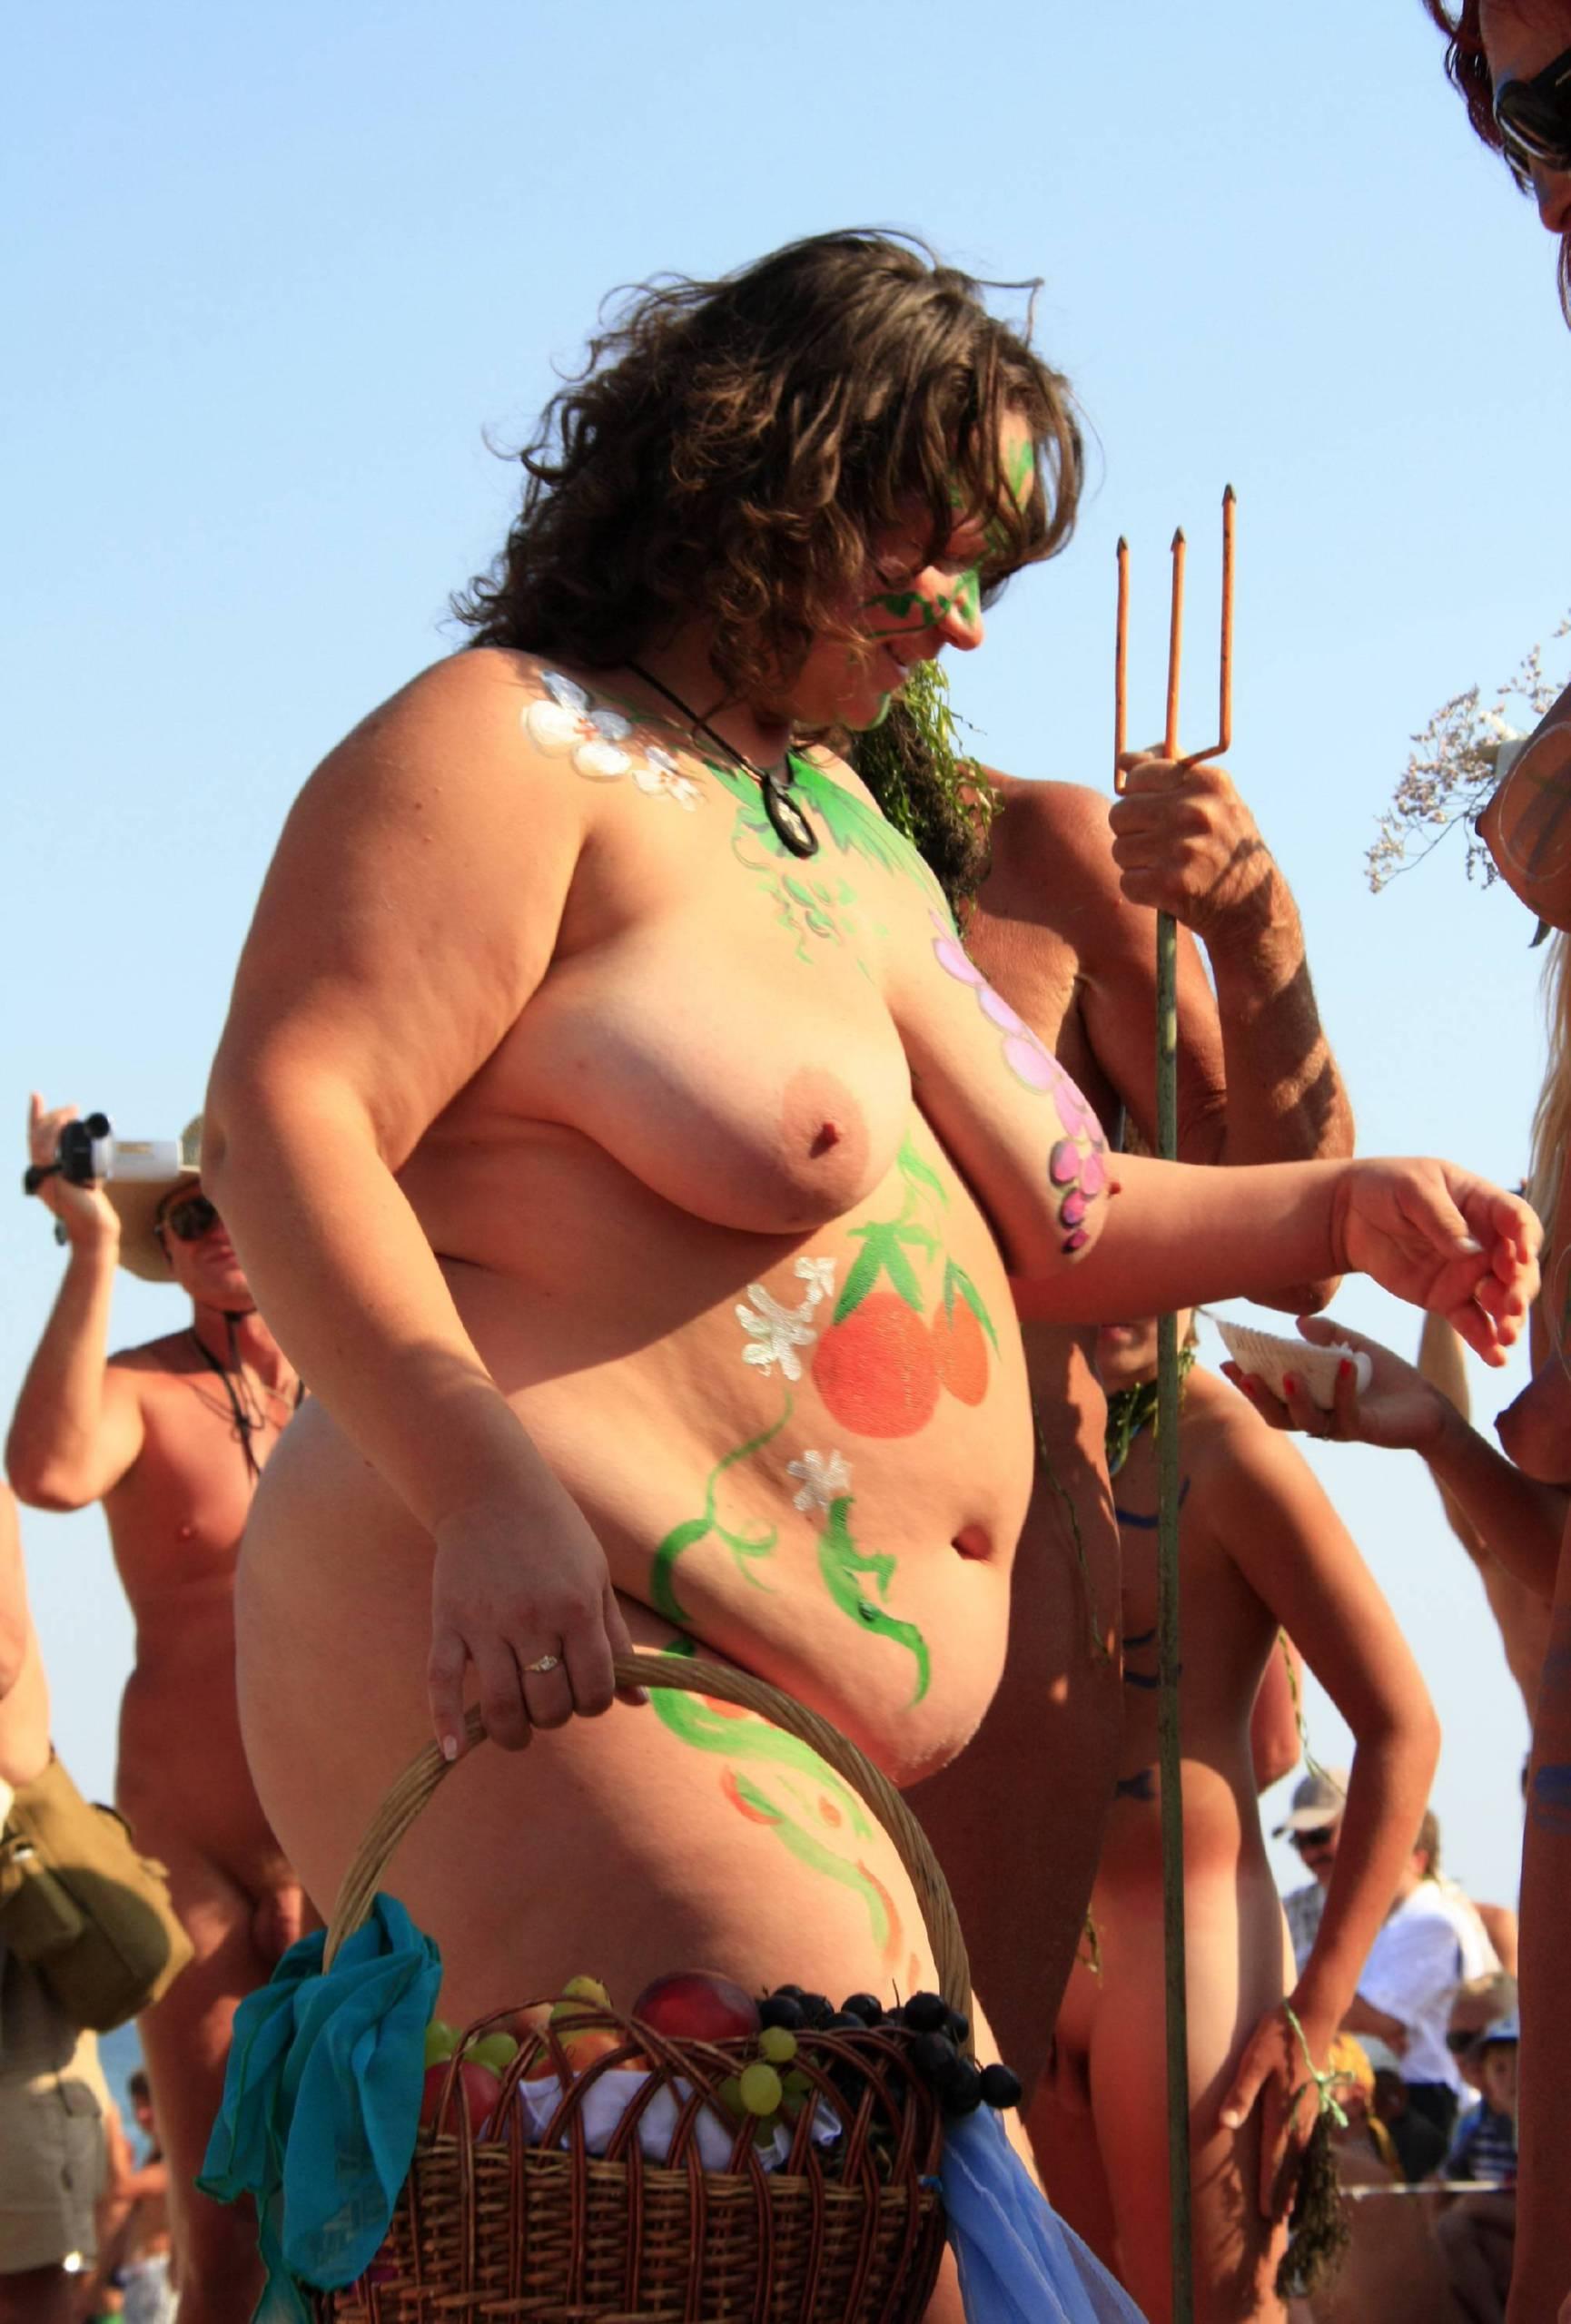 Nudist Gallery Neptune Women Dancing - 2